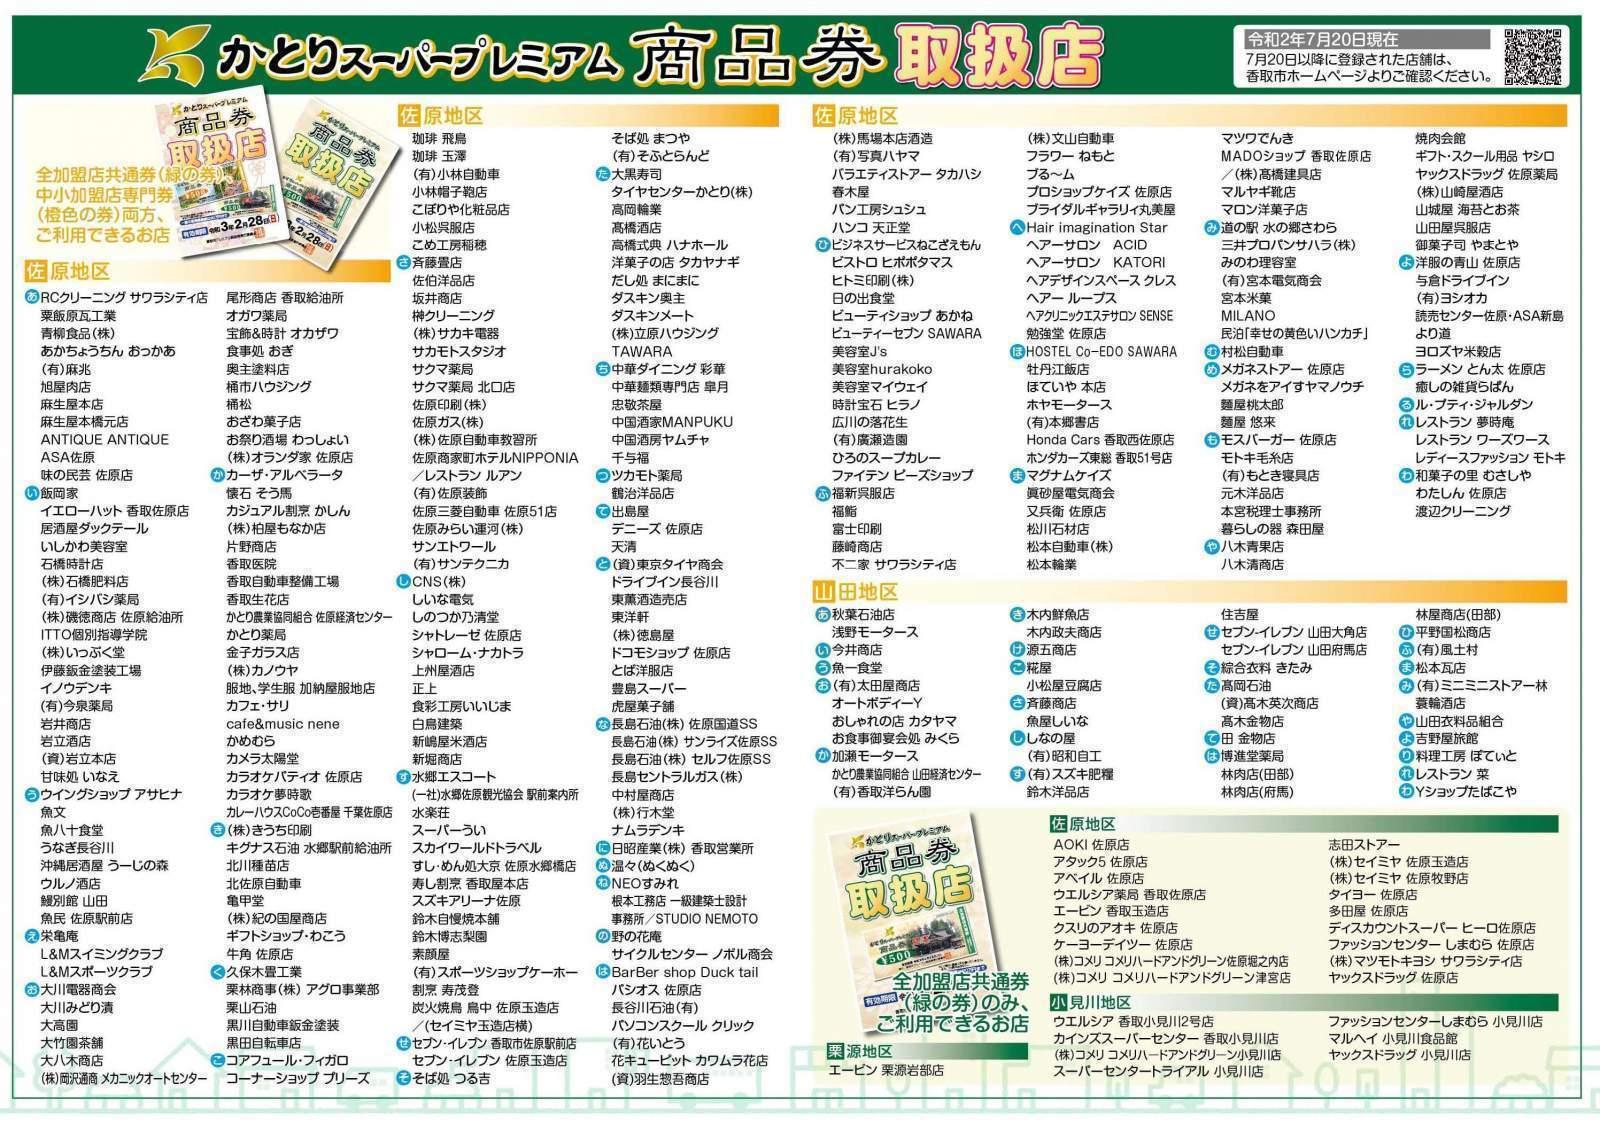 ホームページ 香取 市